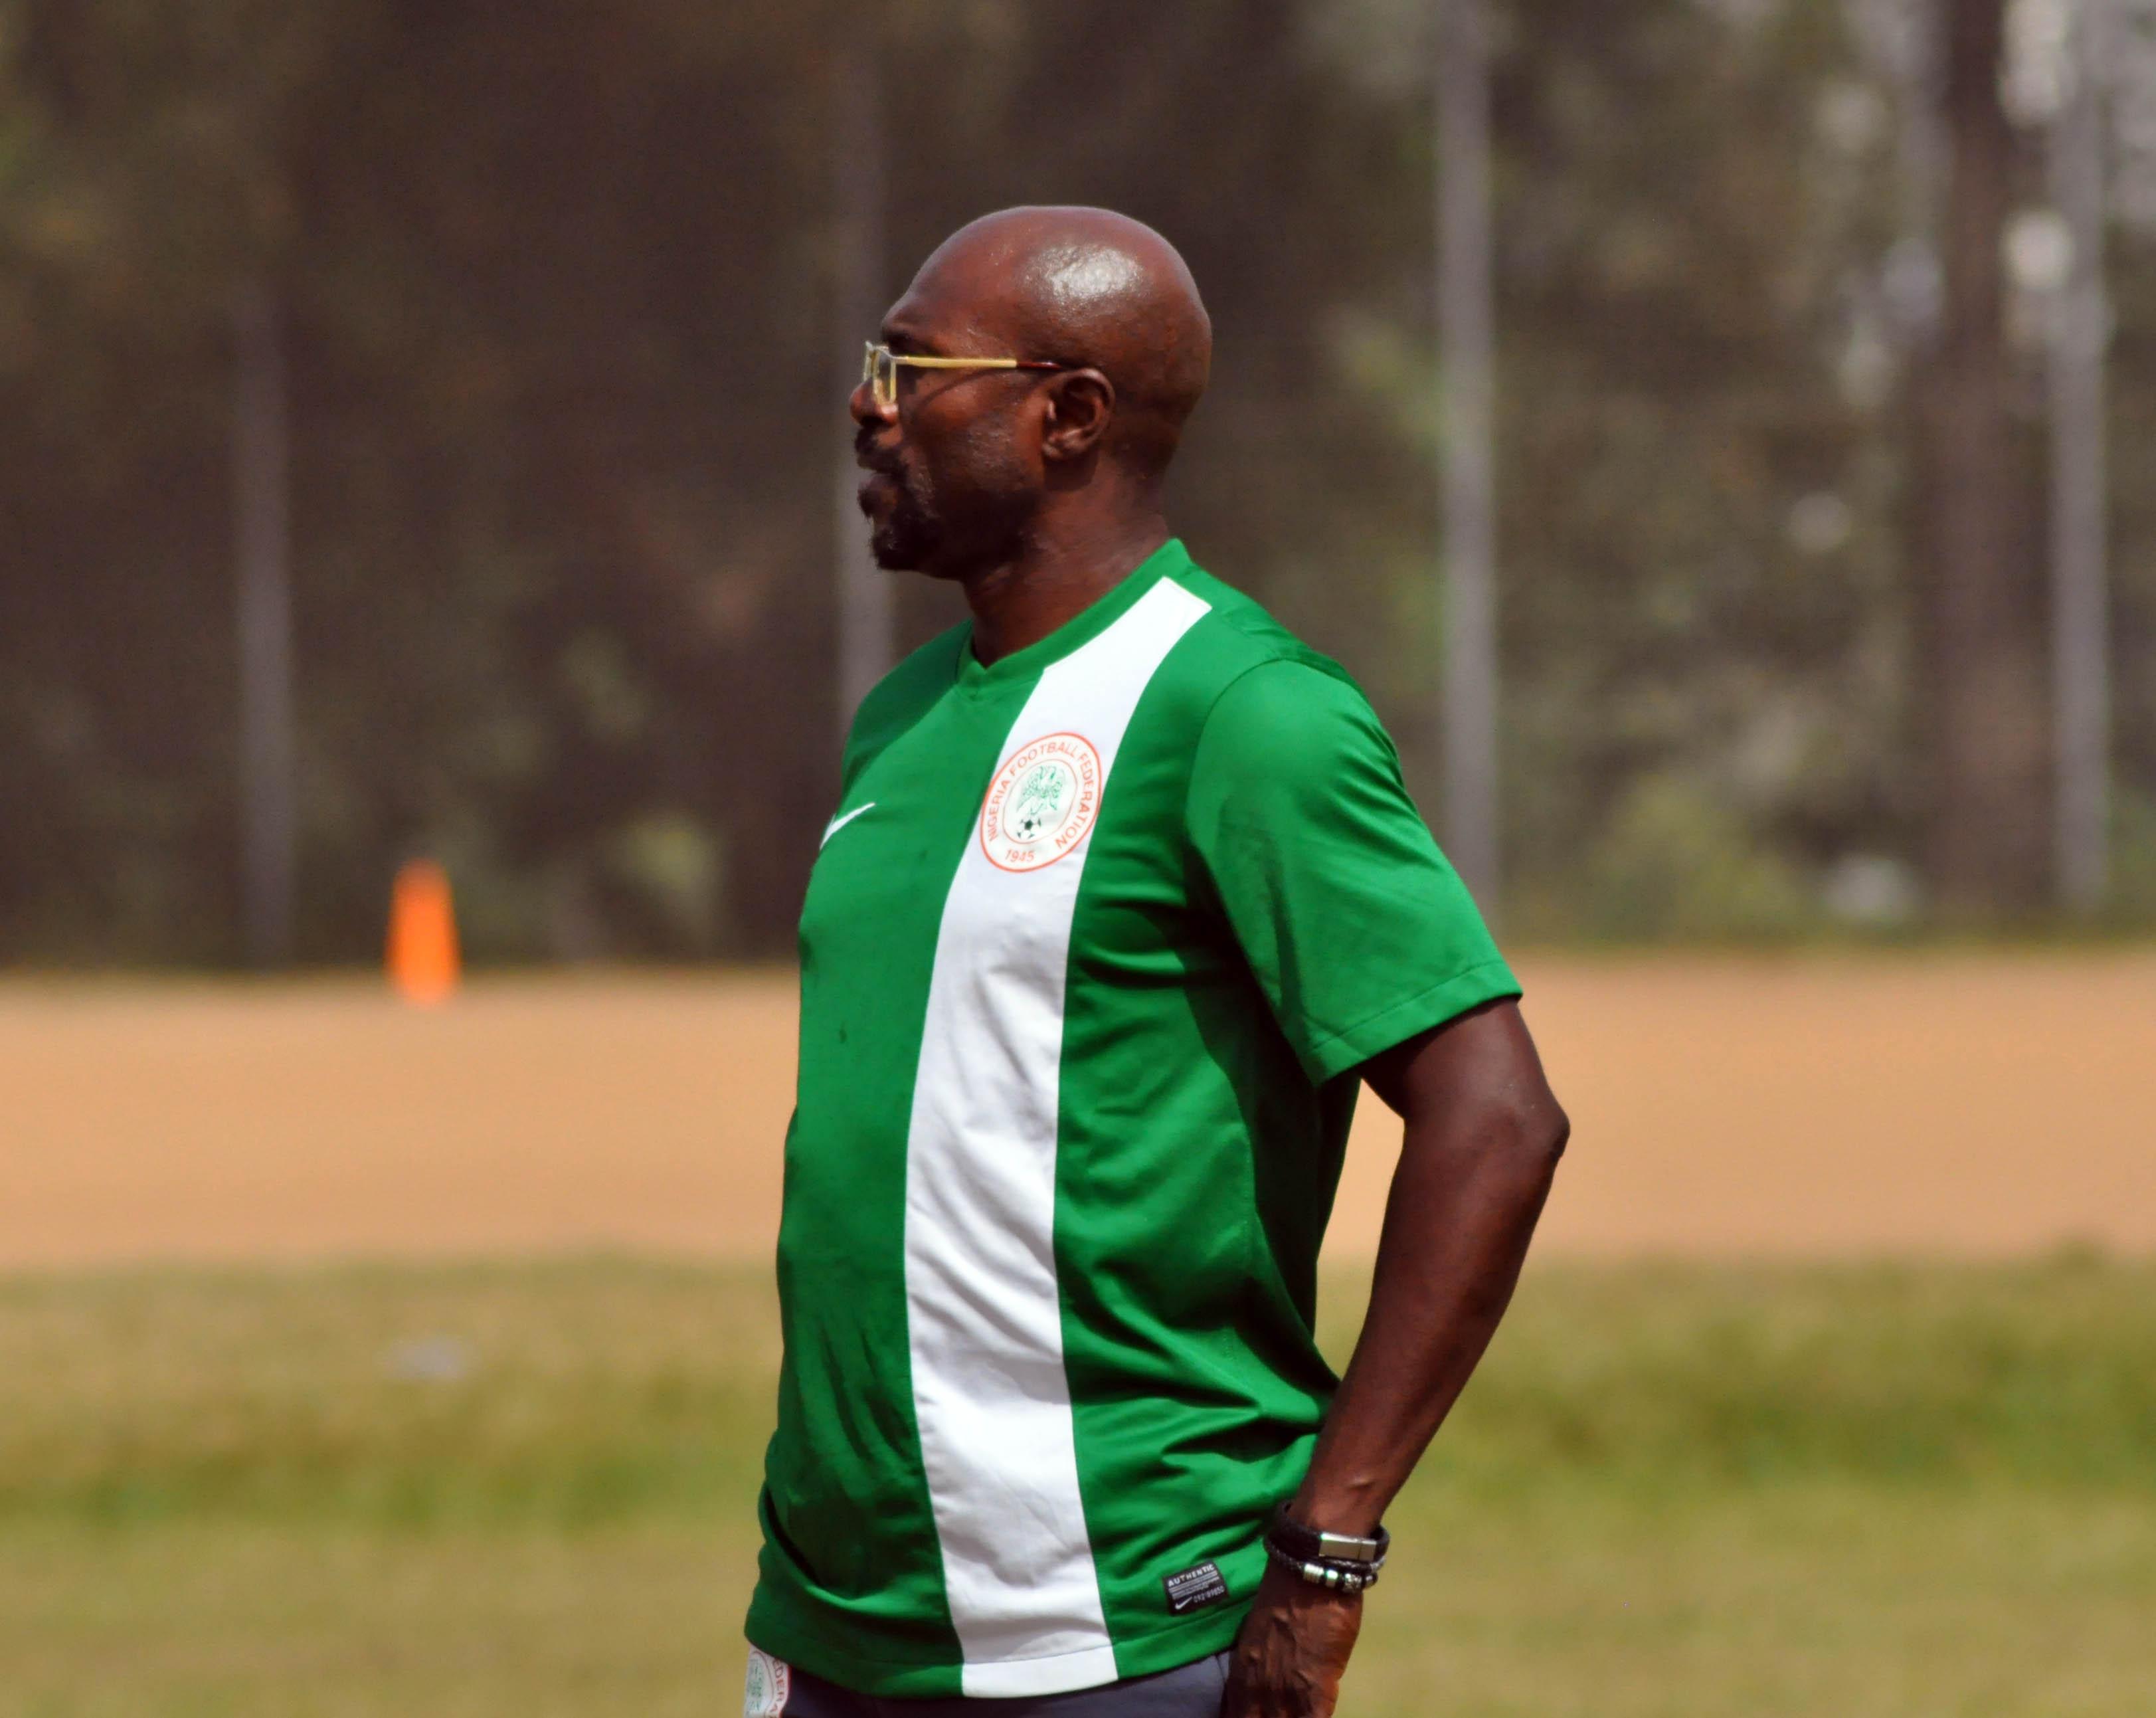 IMAMA AMAPAKABO EAGLES 1 - U23 AFCON Qualifier: Tunisia FA Approves Libya, Nigeria clash